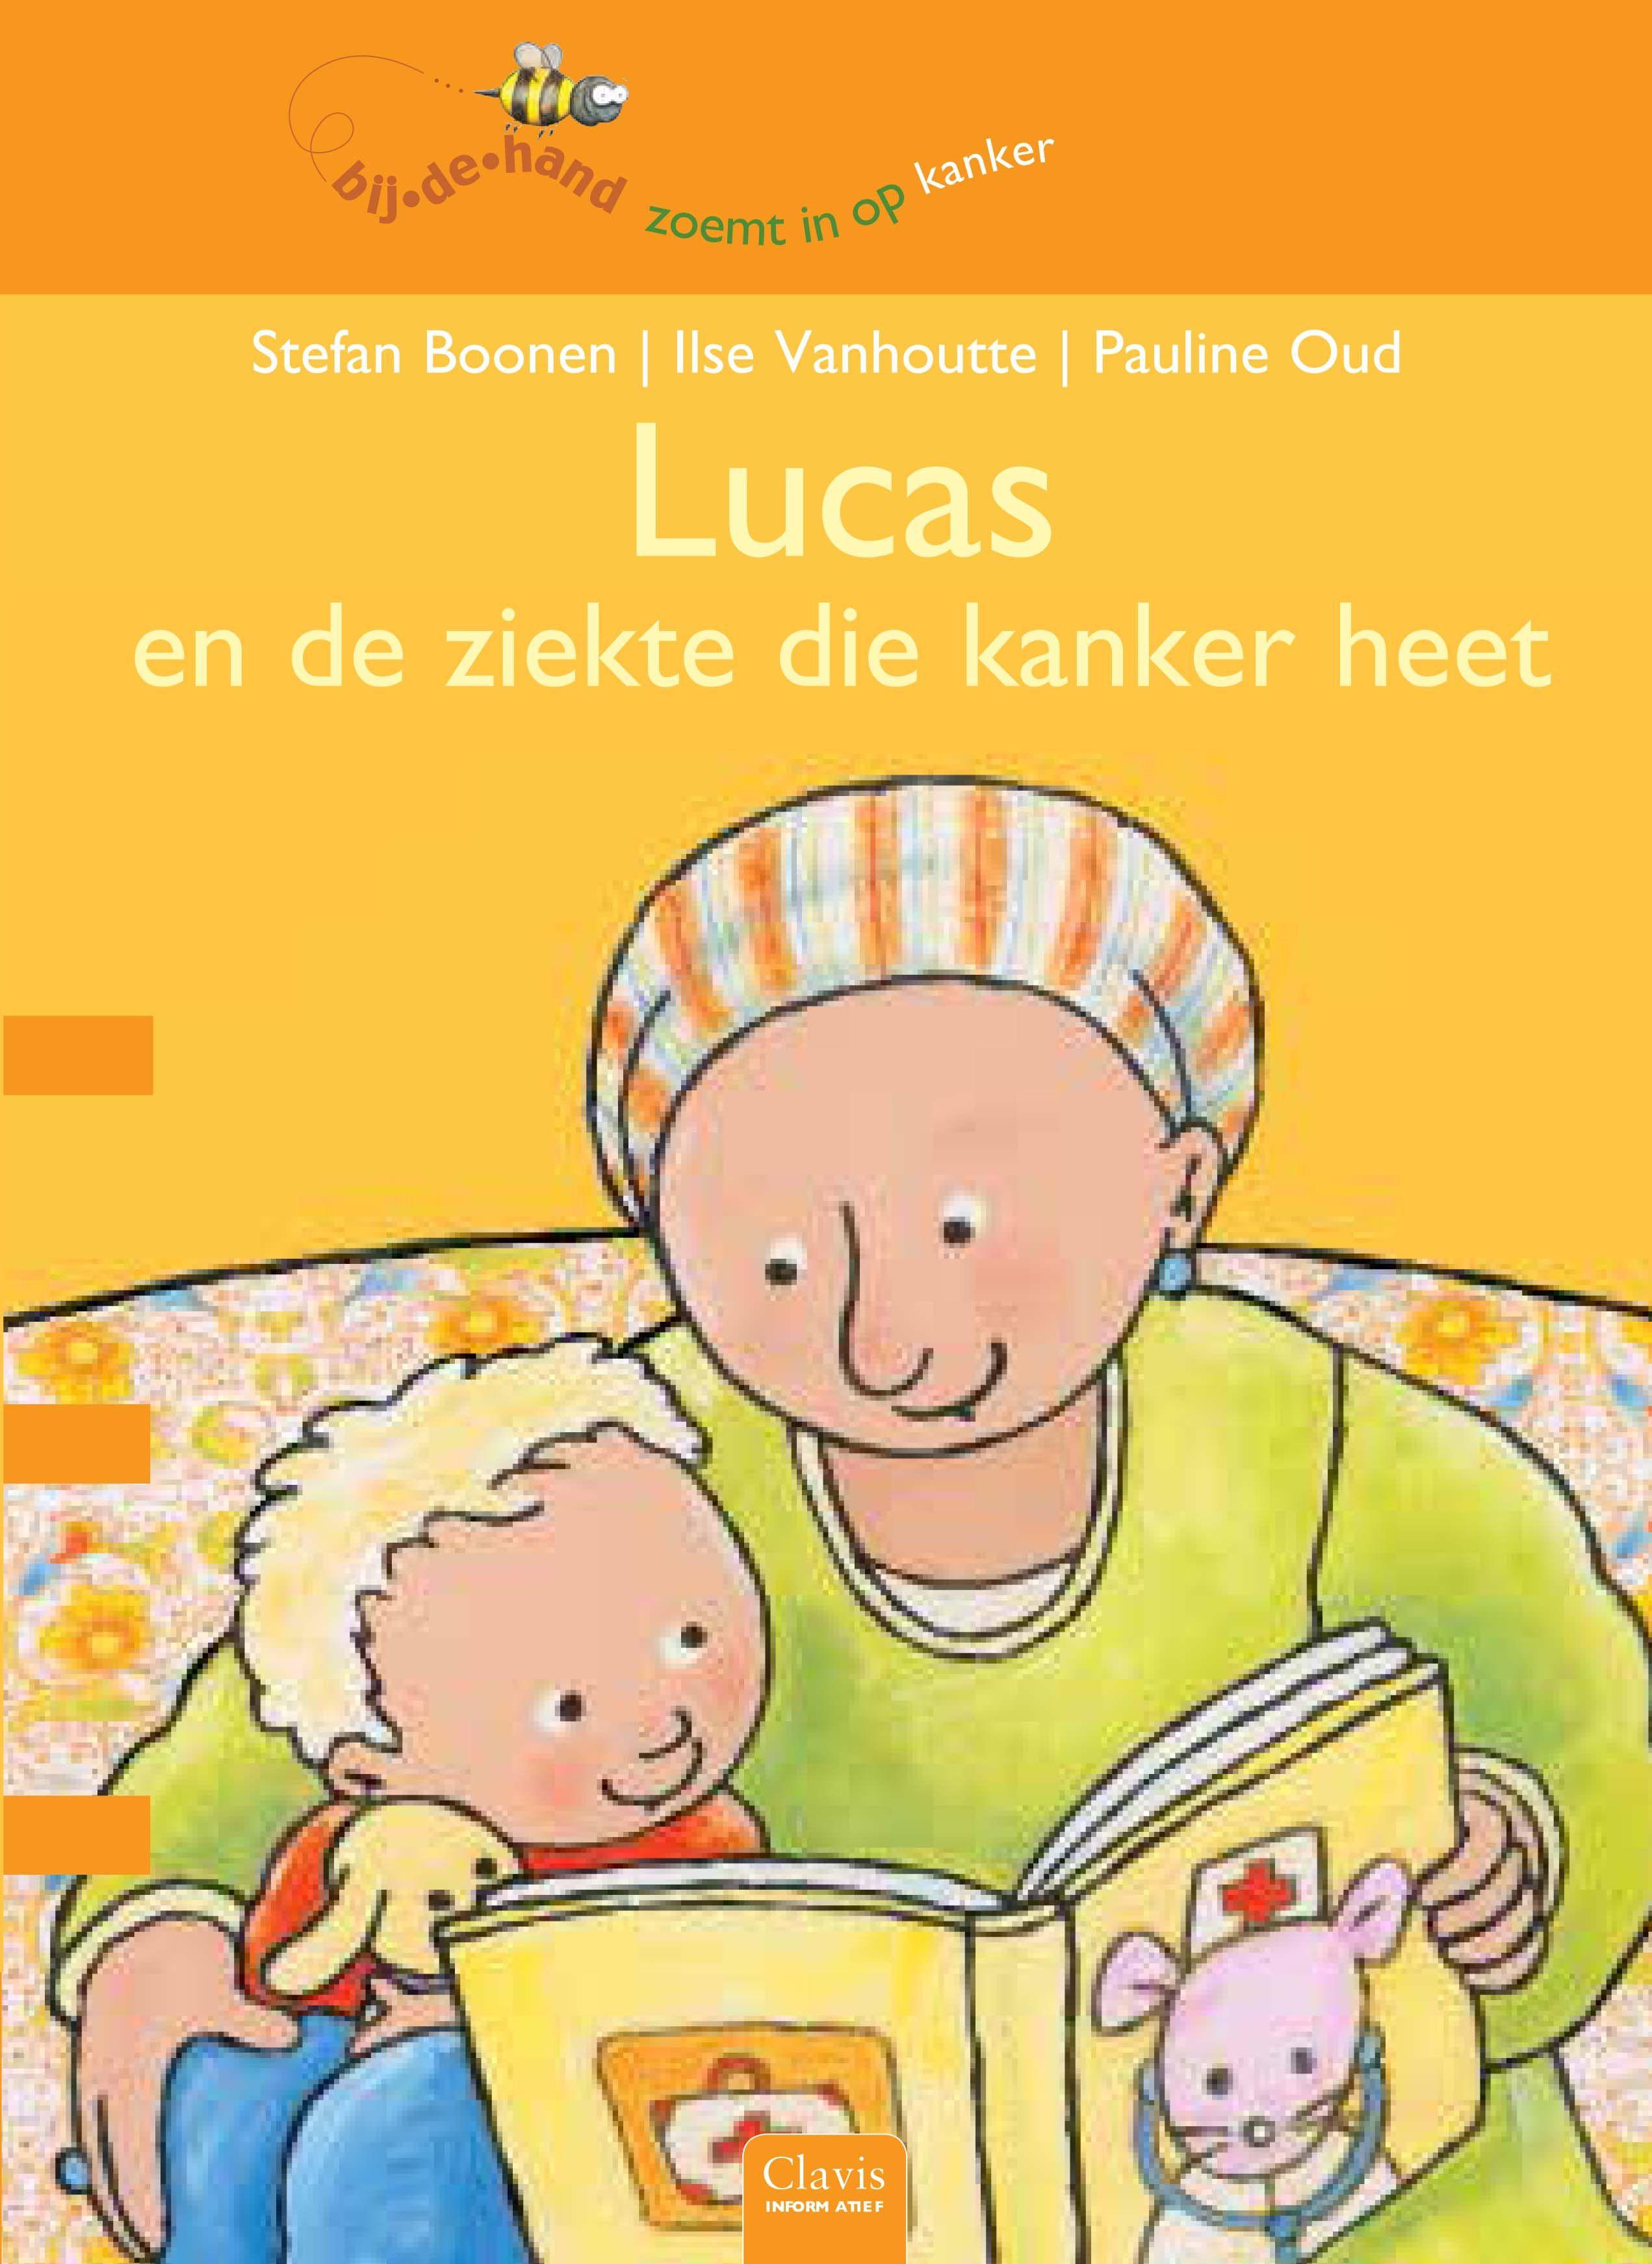 Als bij de moeder van kleuter Lucas (borst)kanker wordt geconstateerd, verandert er veel voor het gezin. De behandeling van de moeder vanaf de operatie, chemotherapie, bestraling en de genezing, worden in dit prentenboek gevolgd door Lucas. Hij vertelt vanuit de ik-persoon over wat hij meemaakt en hoe hij zich voelt. | Plaats in de bib: Mens - lichaam (jeugdafdeling) GEEL 5+